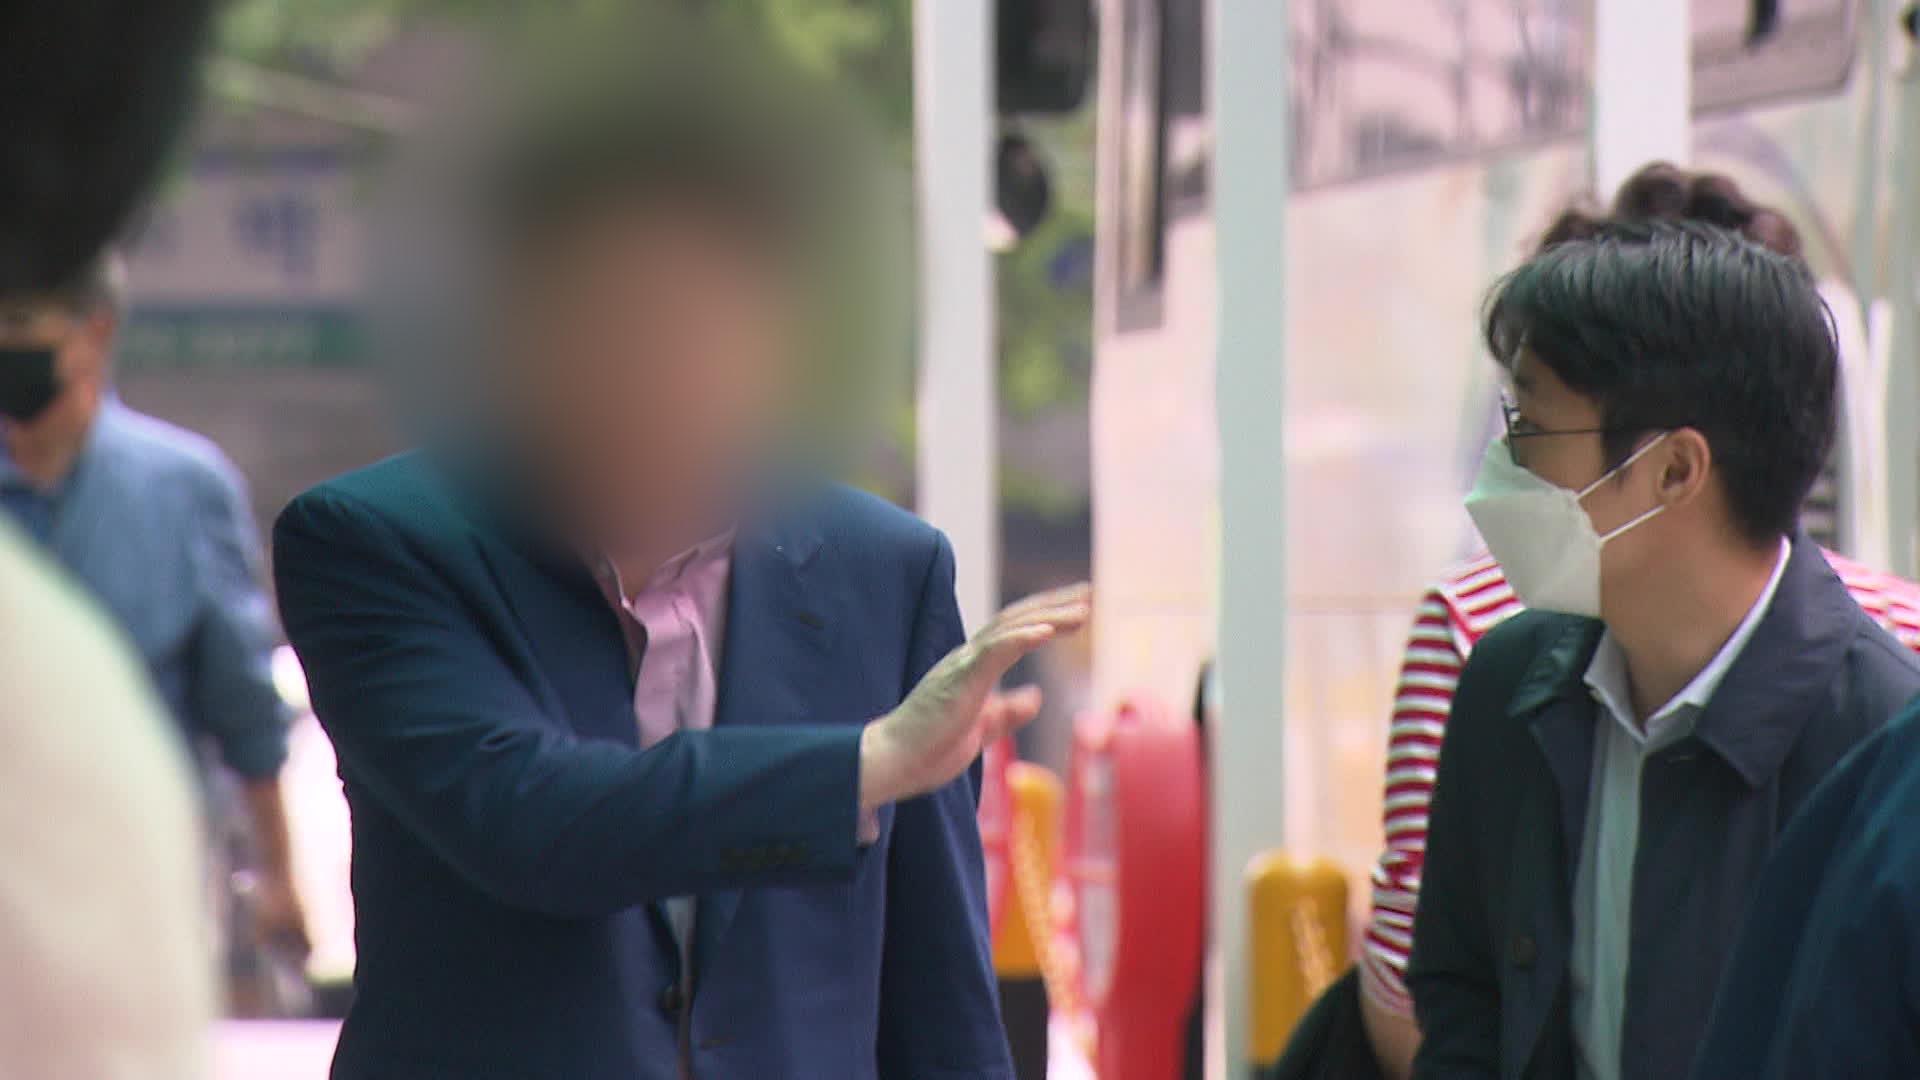 예은유치원과 예일유치원 이사장인 곽 모 씨는 교육청 감사관에게 감사 무마 목적으로 '금 기념패'를 전달한 혐의로 지난해 1심에서 징역 2년에 집행유예 3년을 선고받았다. 이후 검찰의 항소로 2심 재판이 진행 중이다.